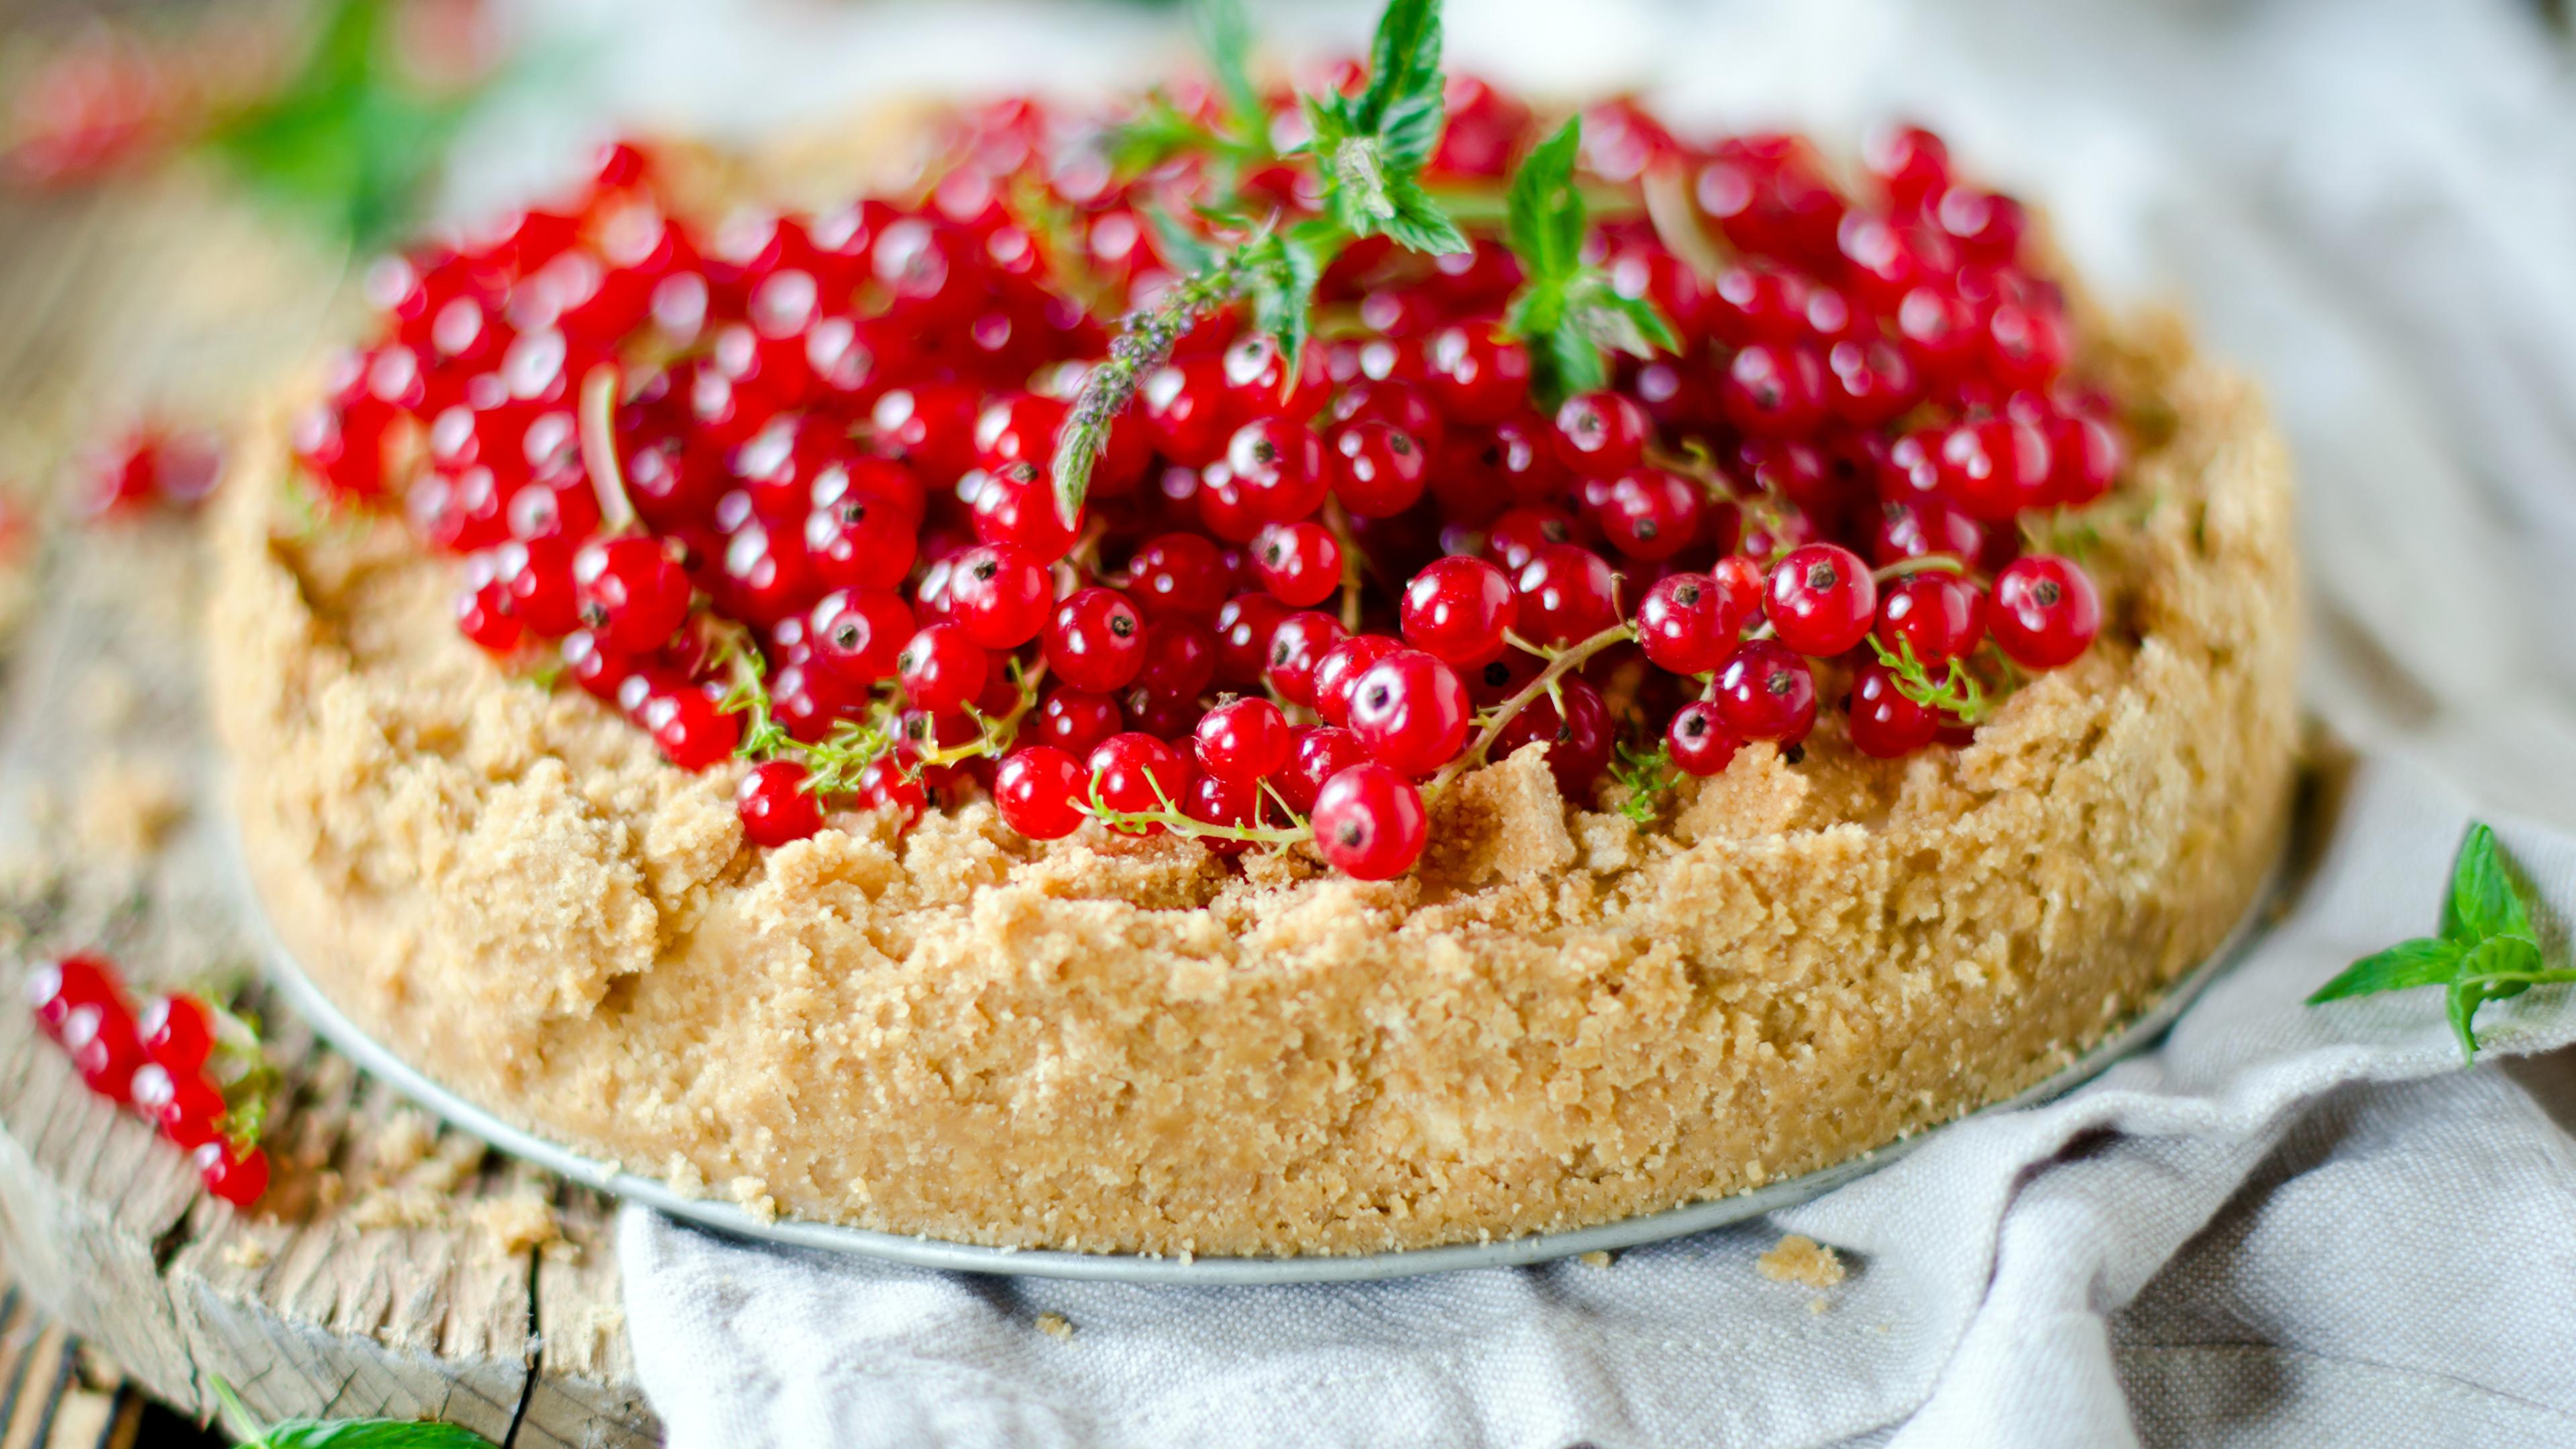 Фотографии Торты Смородина Пища Сладости 3840x2160 Еда Продукты питания сладкая еда